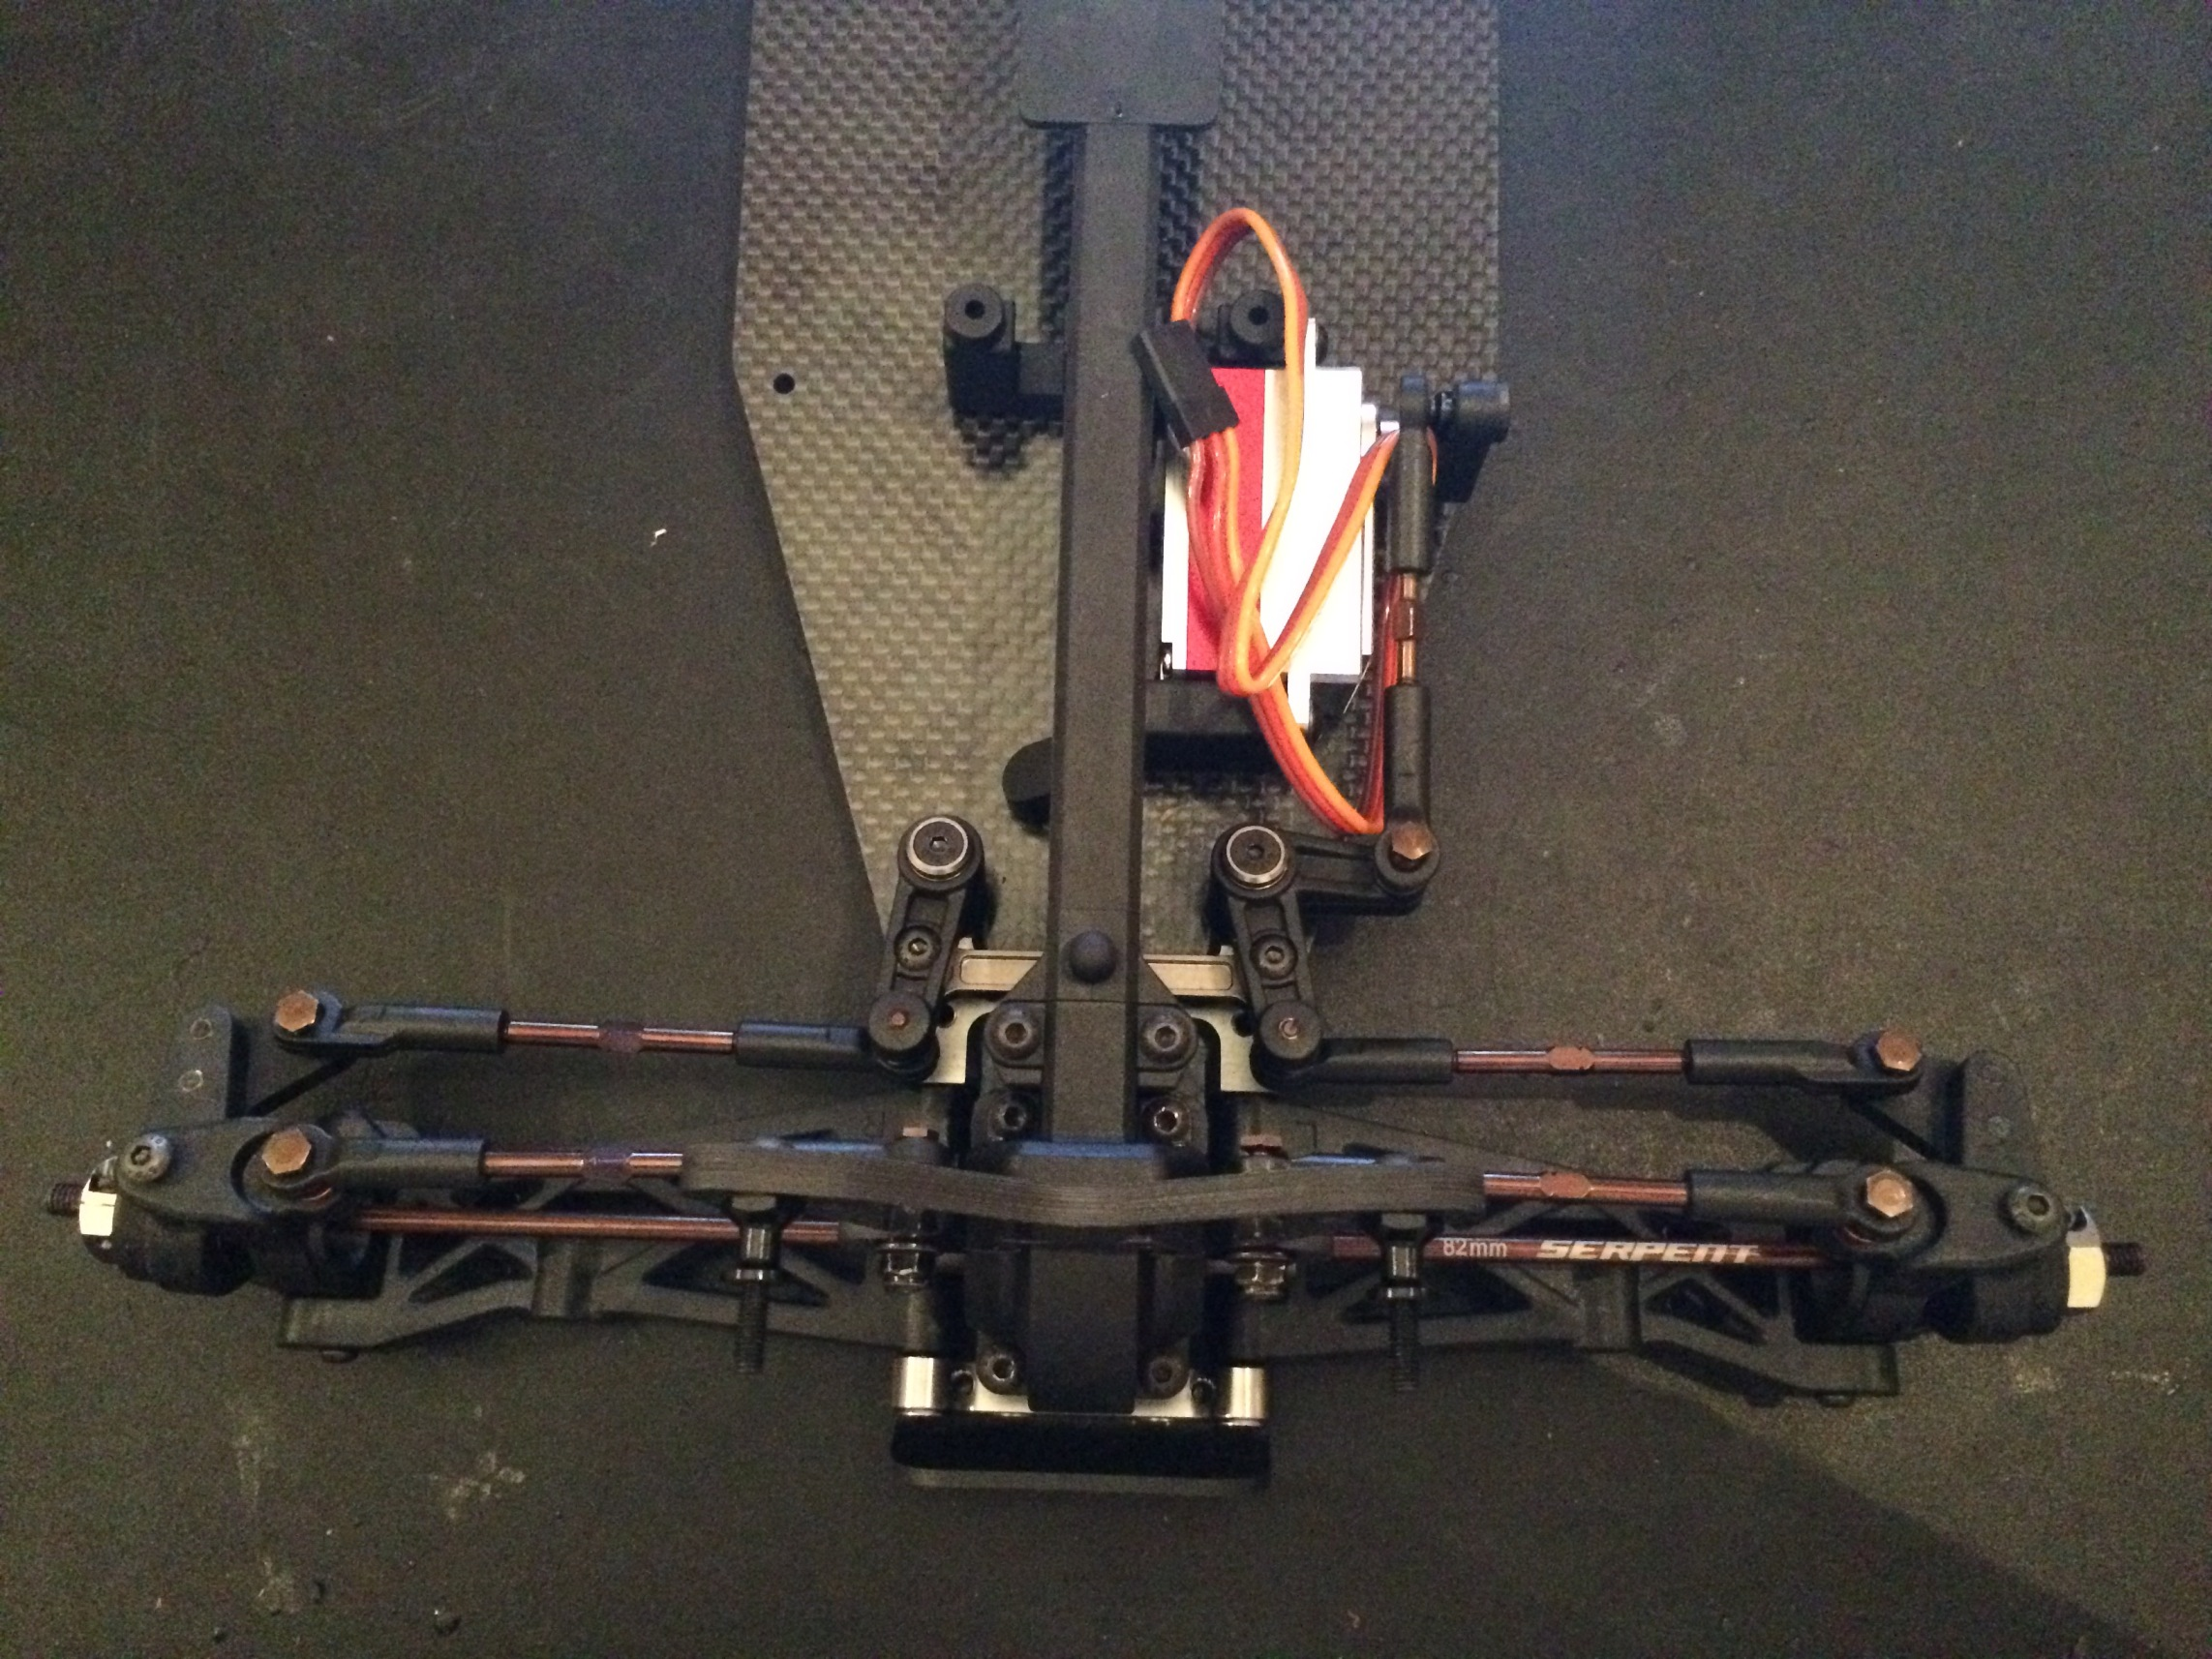 Serpent SRX-4 Build 133